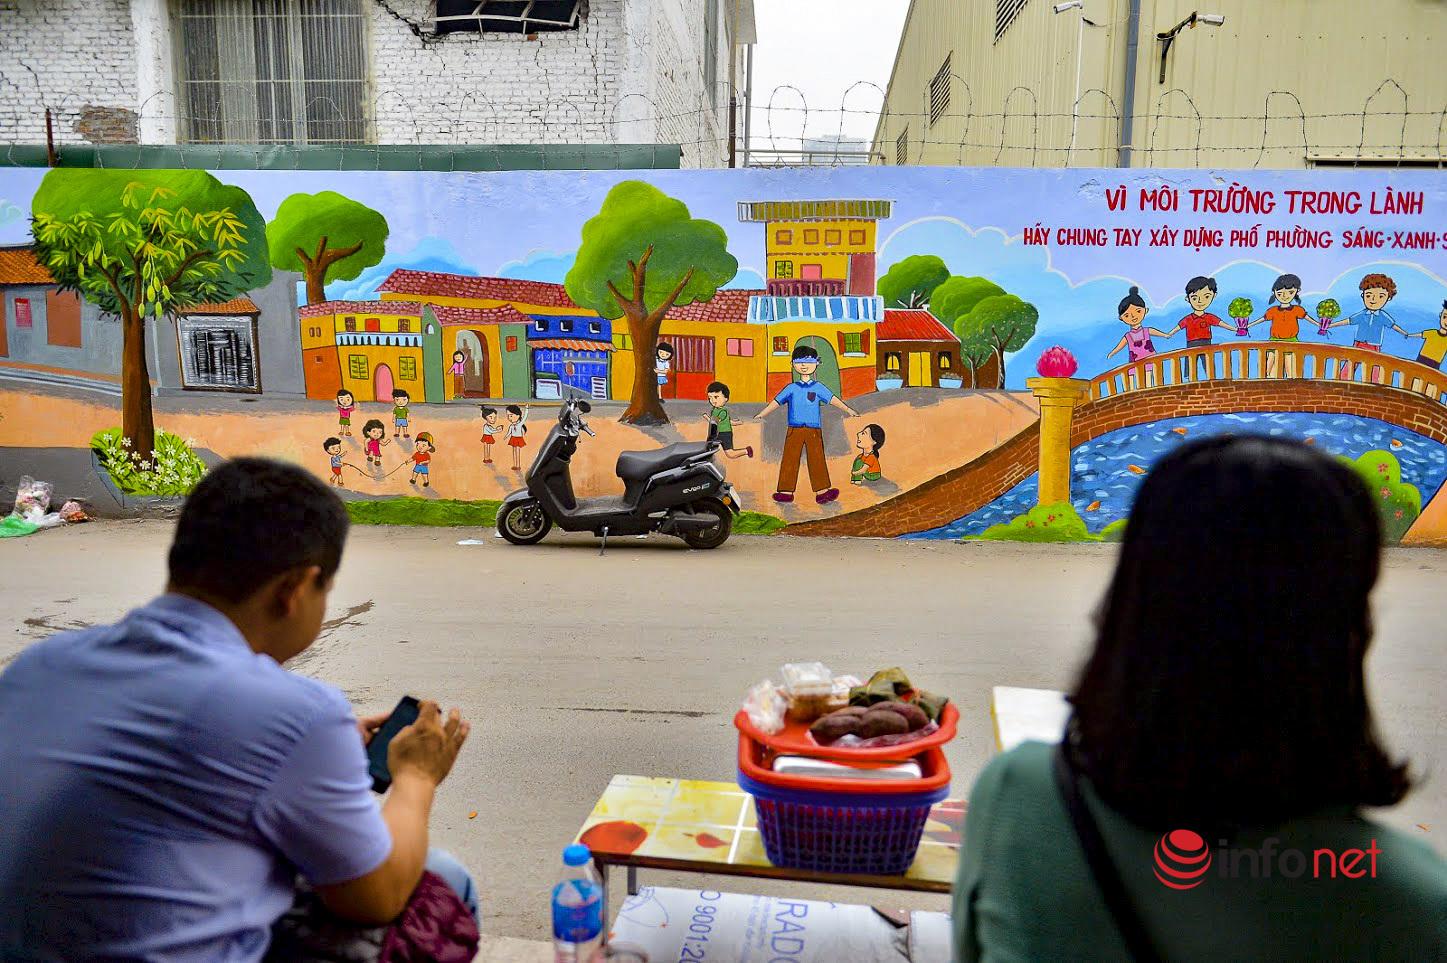 Hà Nội: Bức tường bích họa xóa ký ức vụ cháy kinh hoàng 2 năm trước ở Công ty Rạng Đông